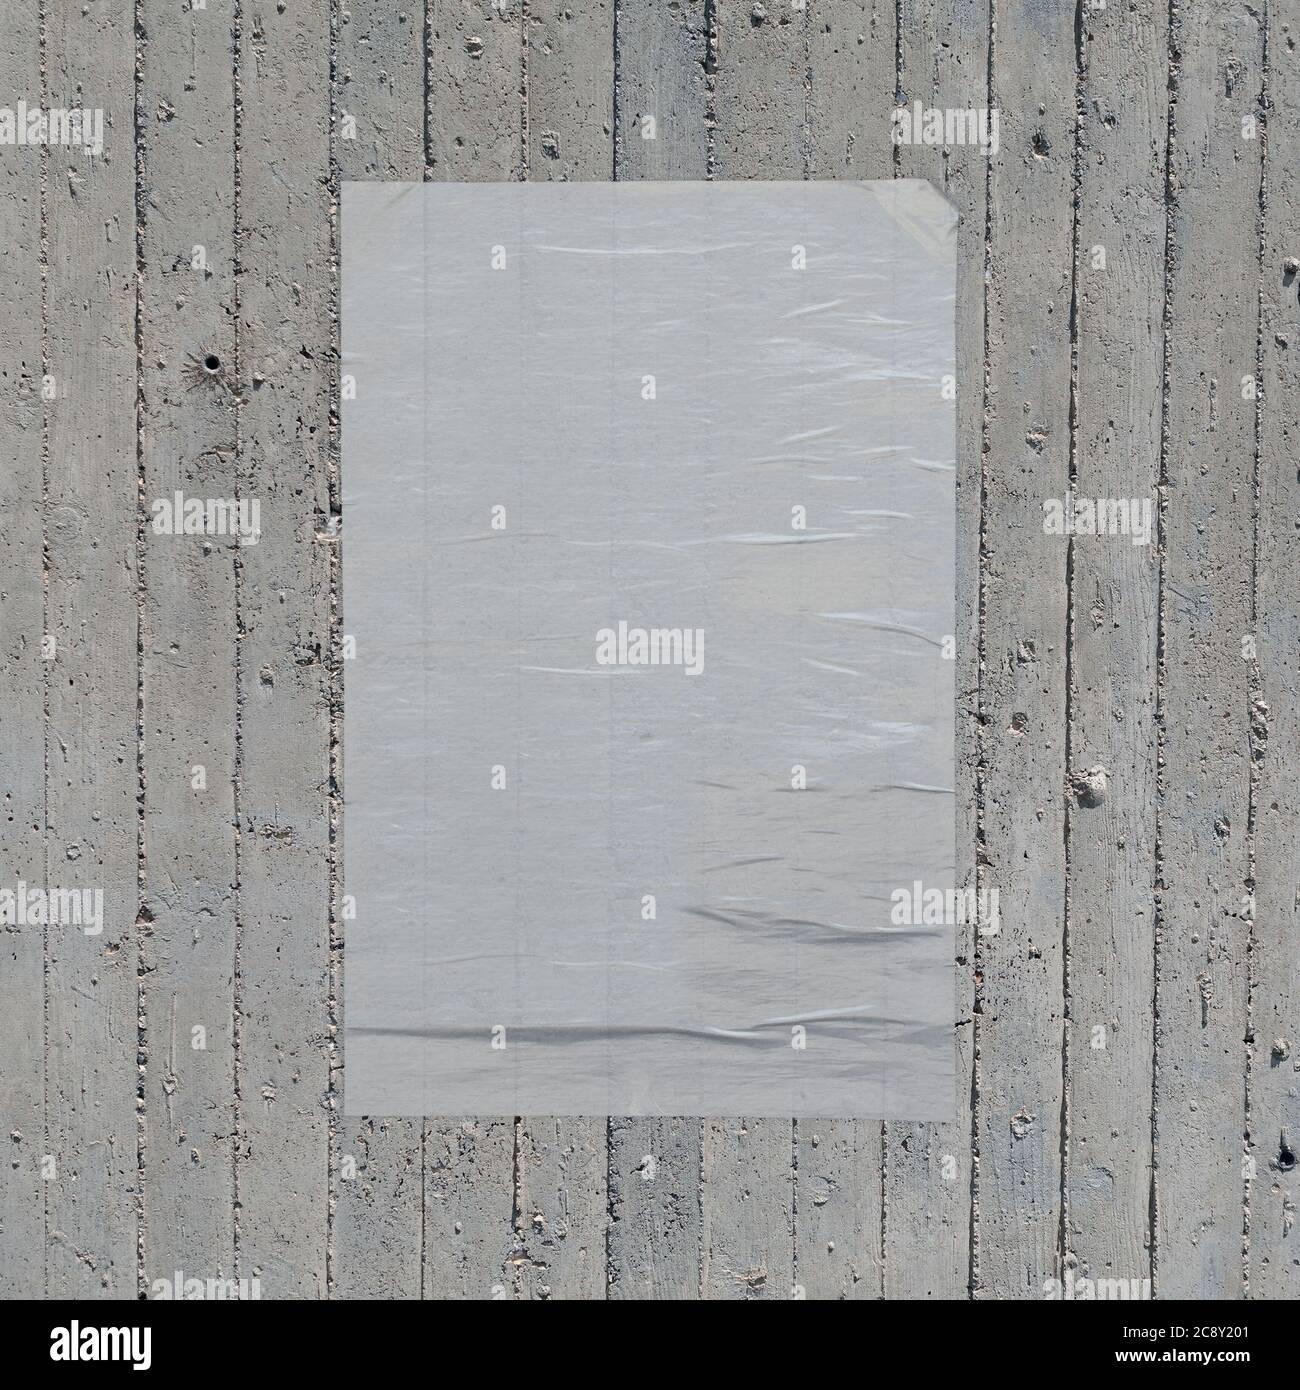 Poster di carta sminuzzata bianca sullo sfondo di una parete in cemento. Elemento di progettazione. Foto Stock